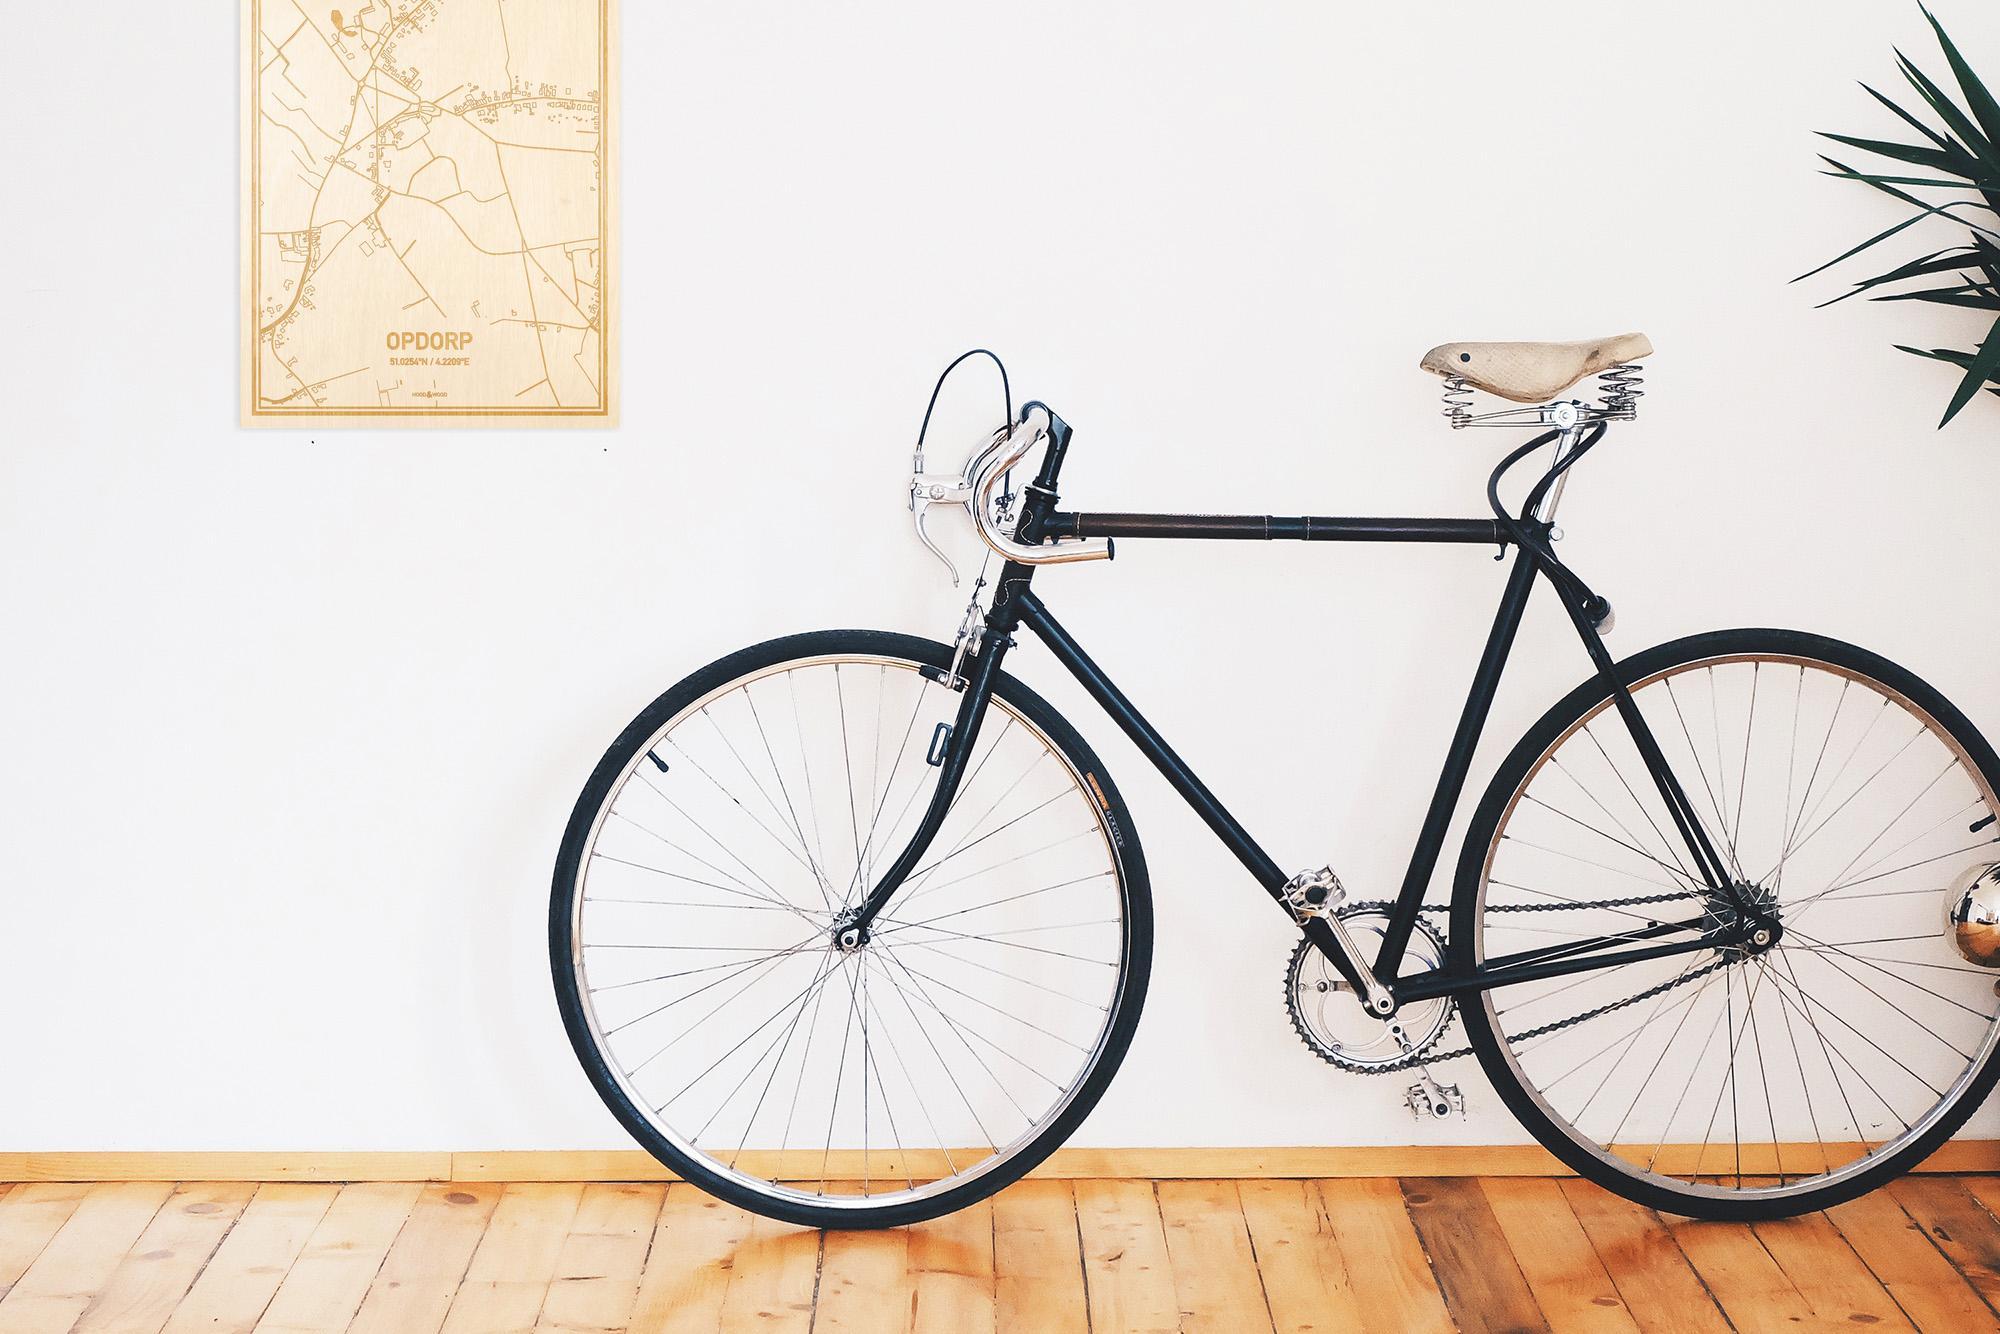 Een snelle fiets in een uniek interieur in Oost-Vlaanderen  met mooie decoratie zoals de plattegrond Opdorp.